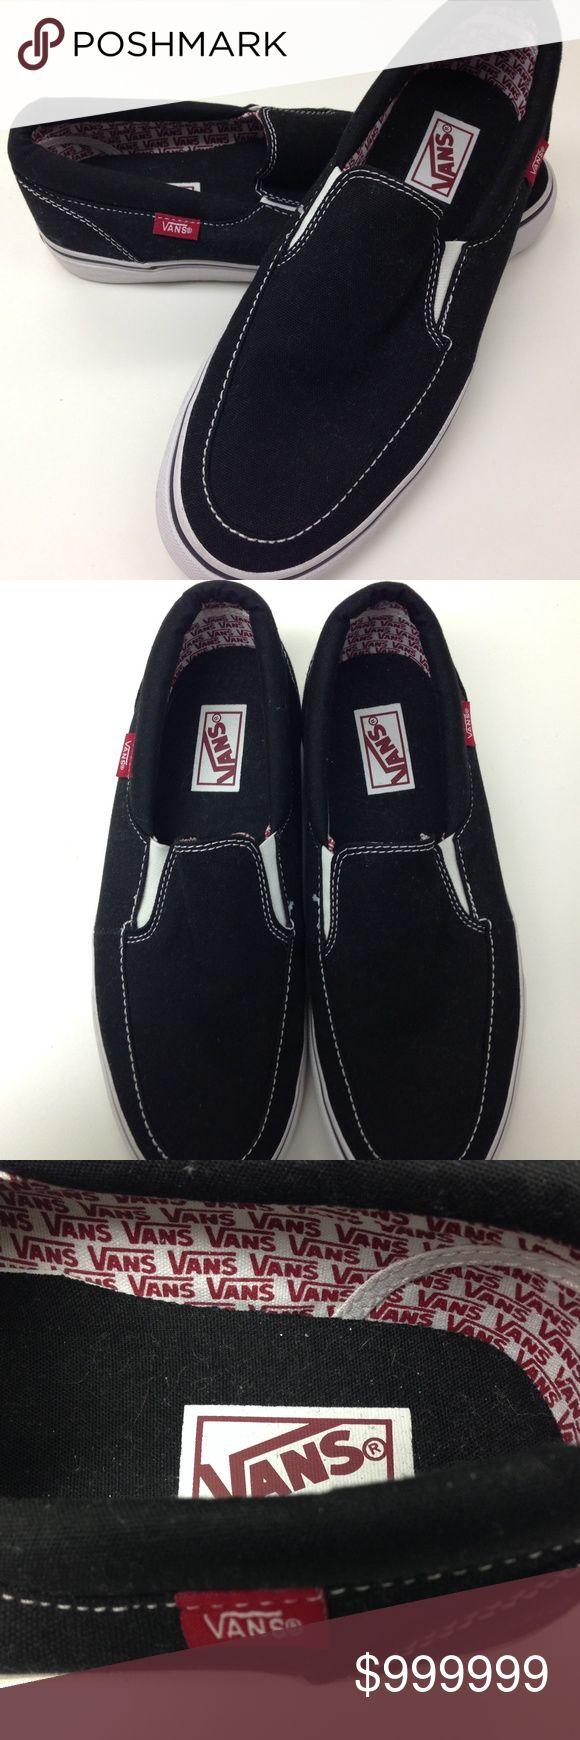 ⏰1 HR SALE⏰ Men's Vans Slip on Sneakers Never Worn Men's Vans Black slip on sneakers. Never worn. Slightly snug for 9. Vans Shoes Sneakers